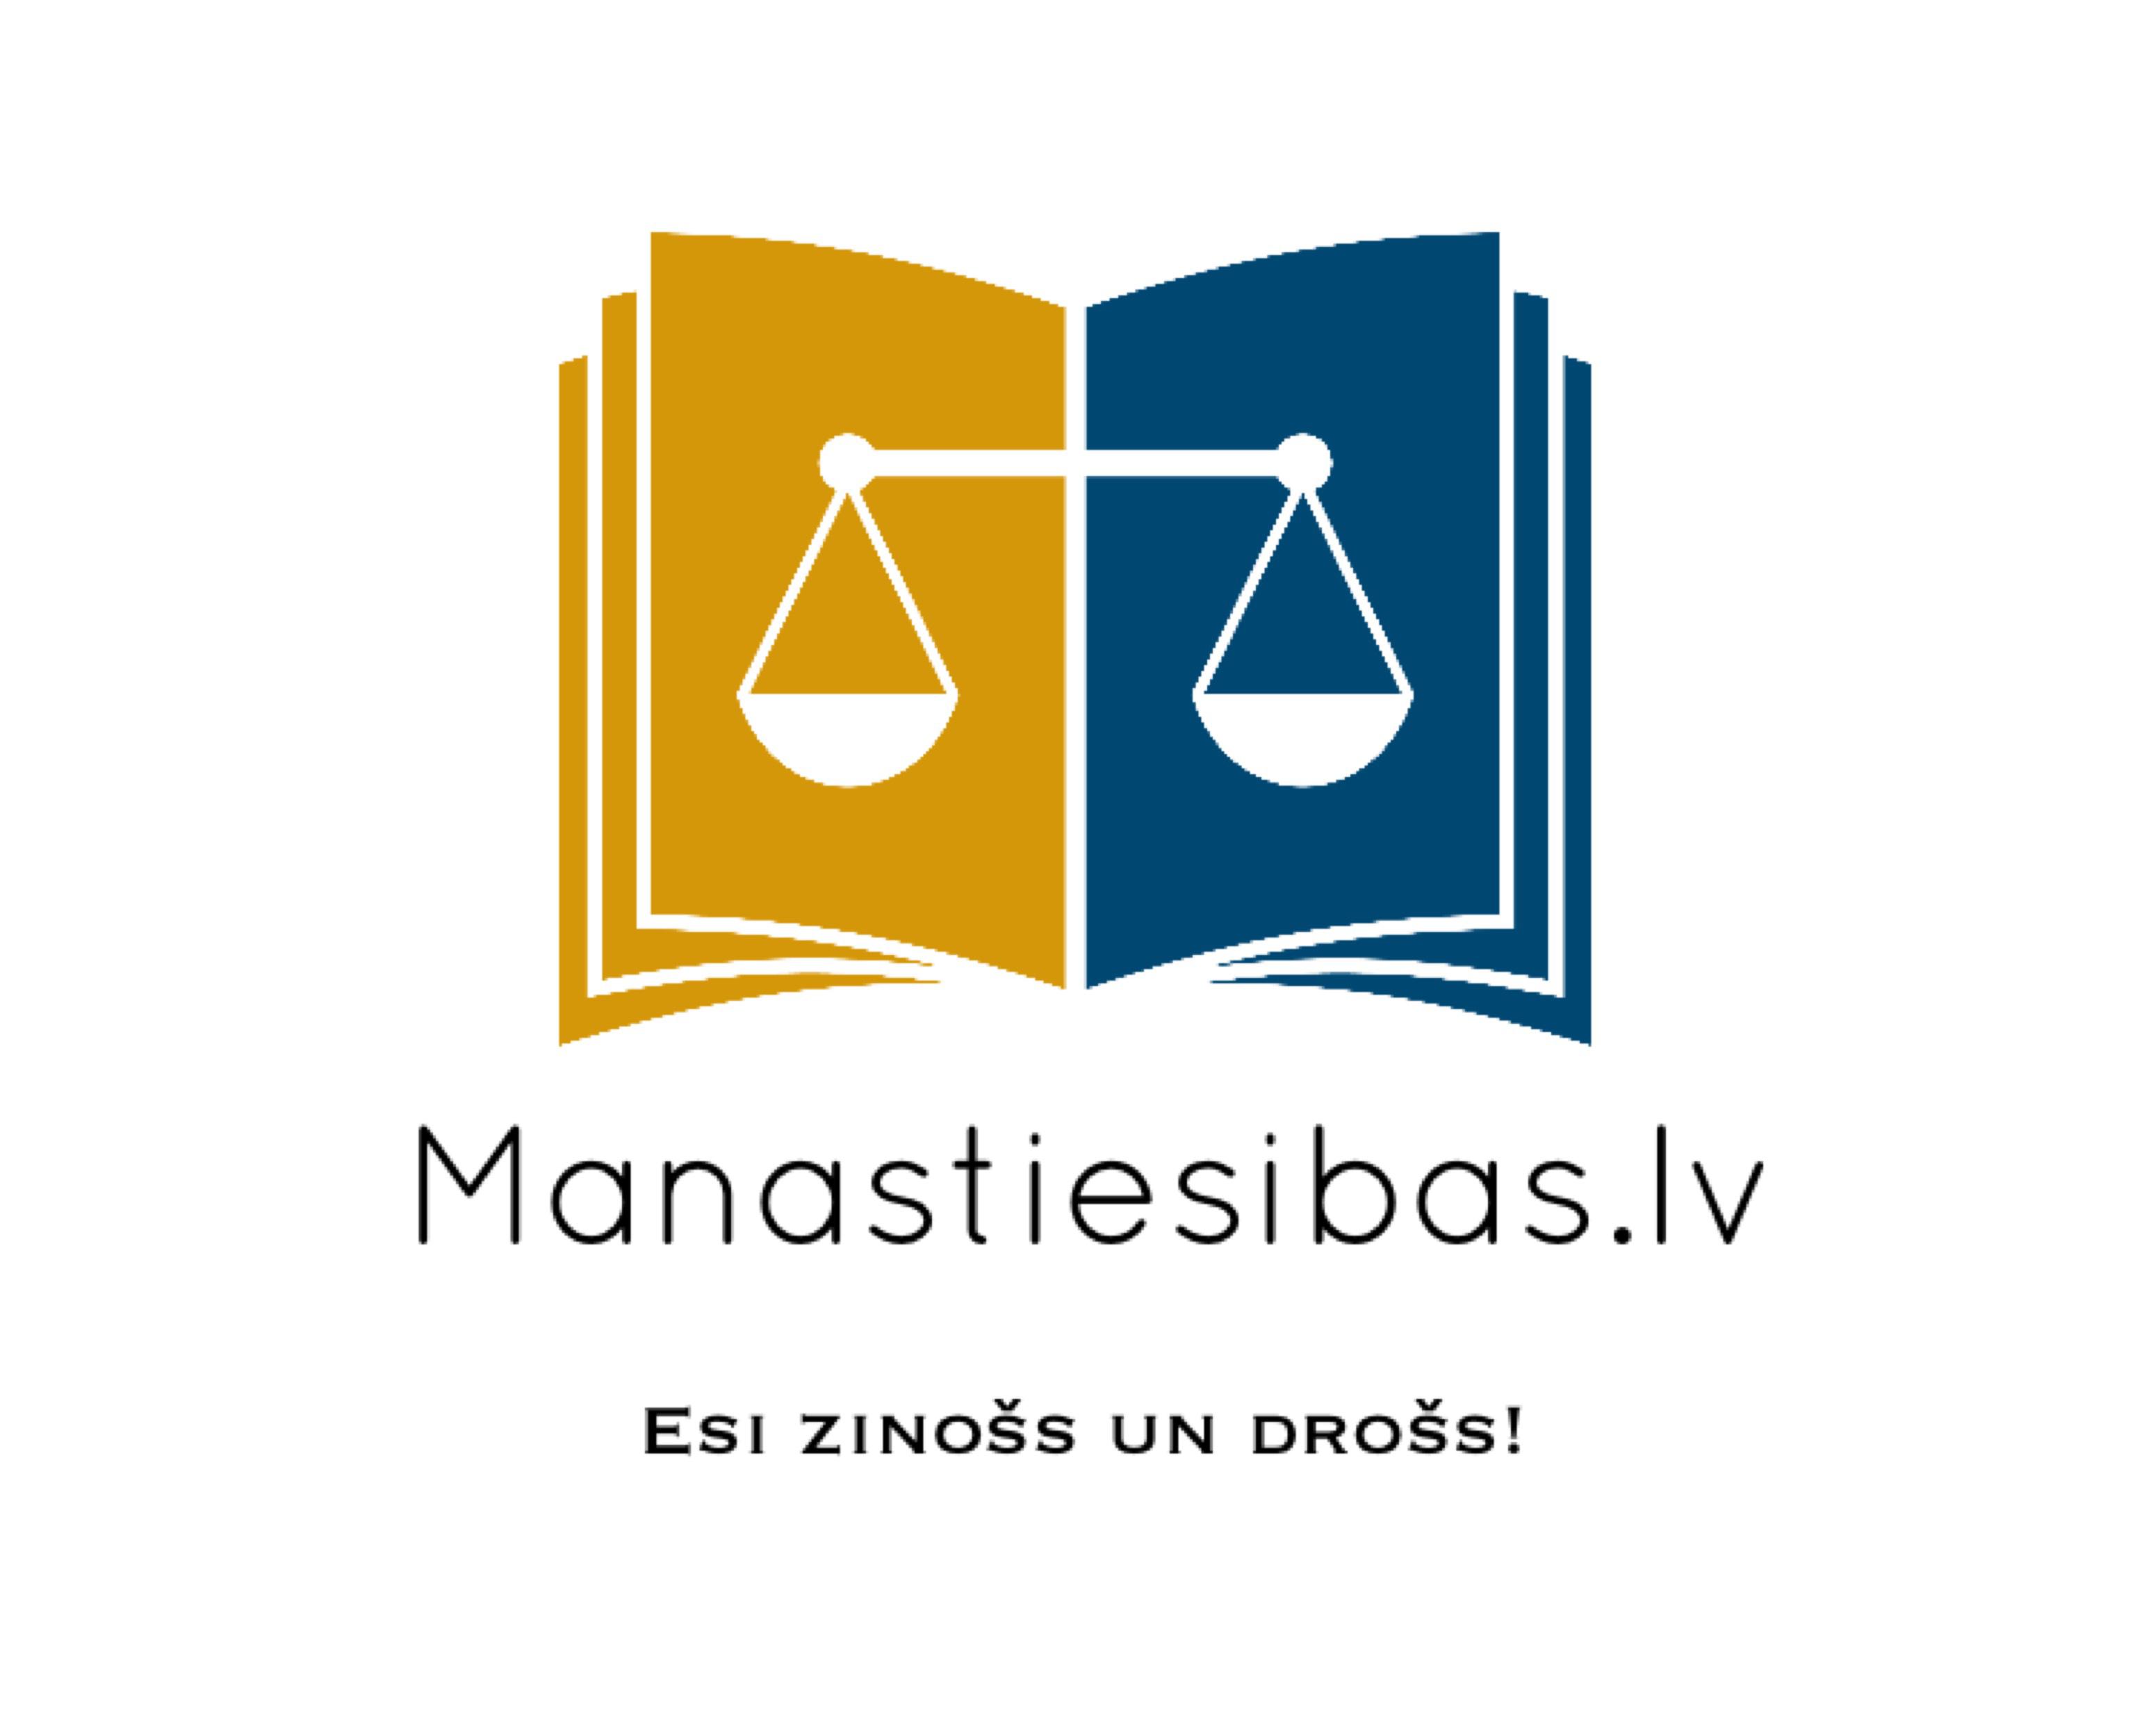 manastiesibas.lv